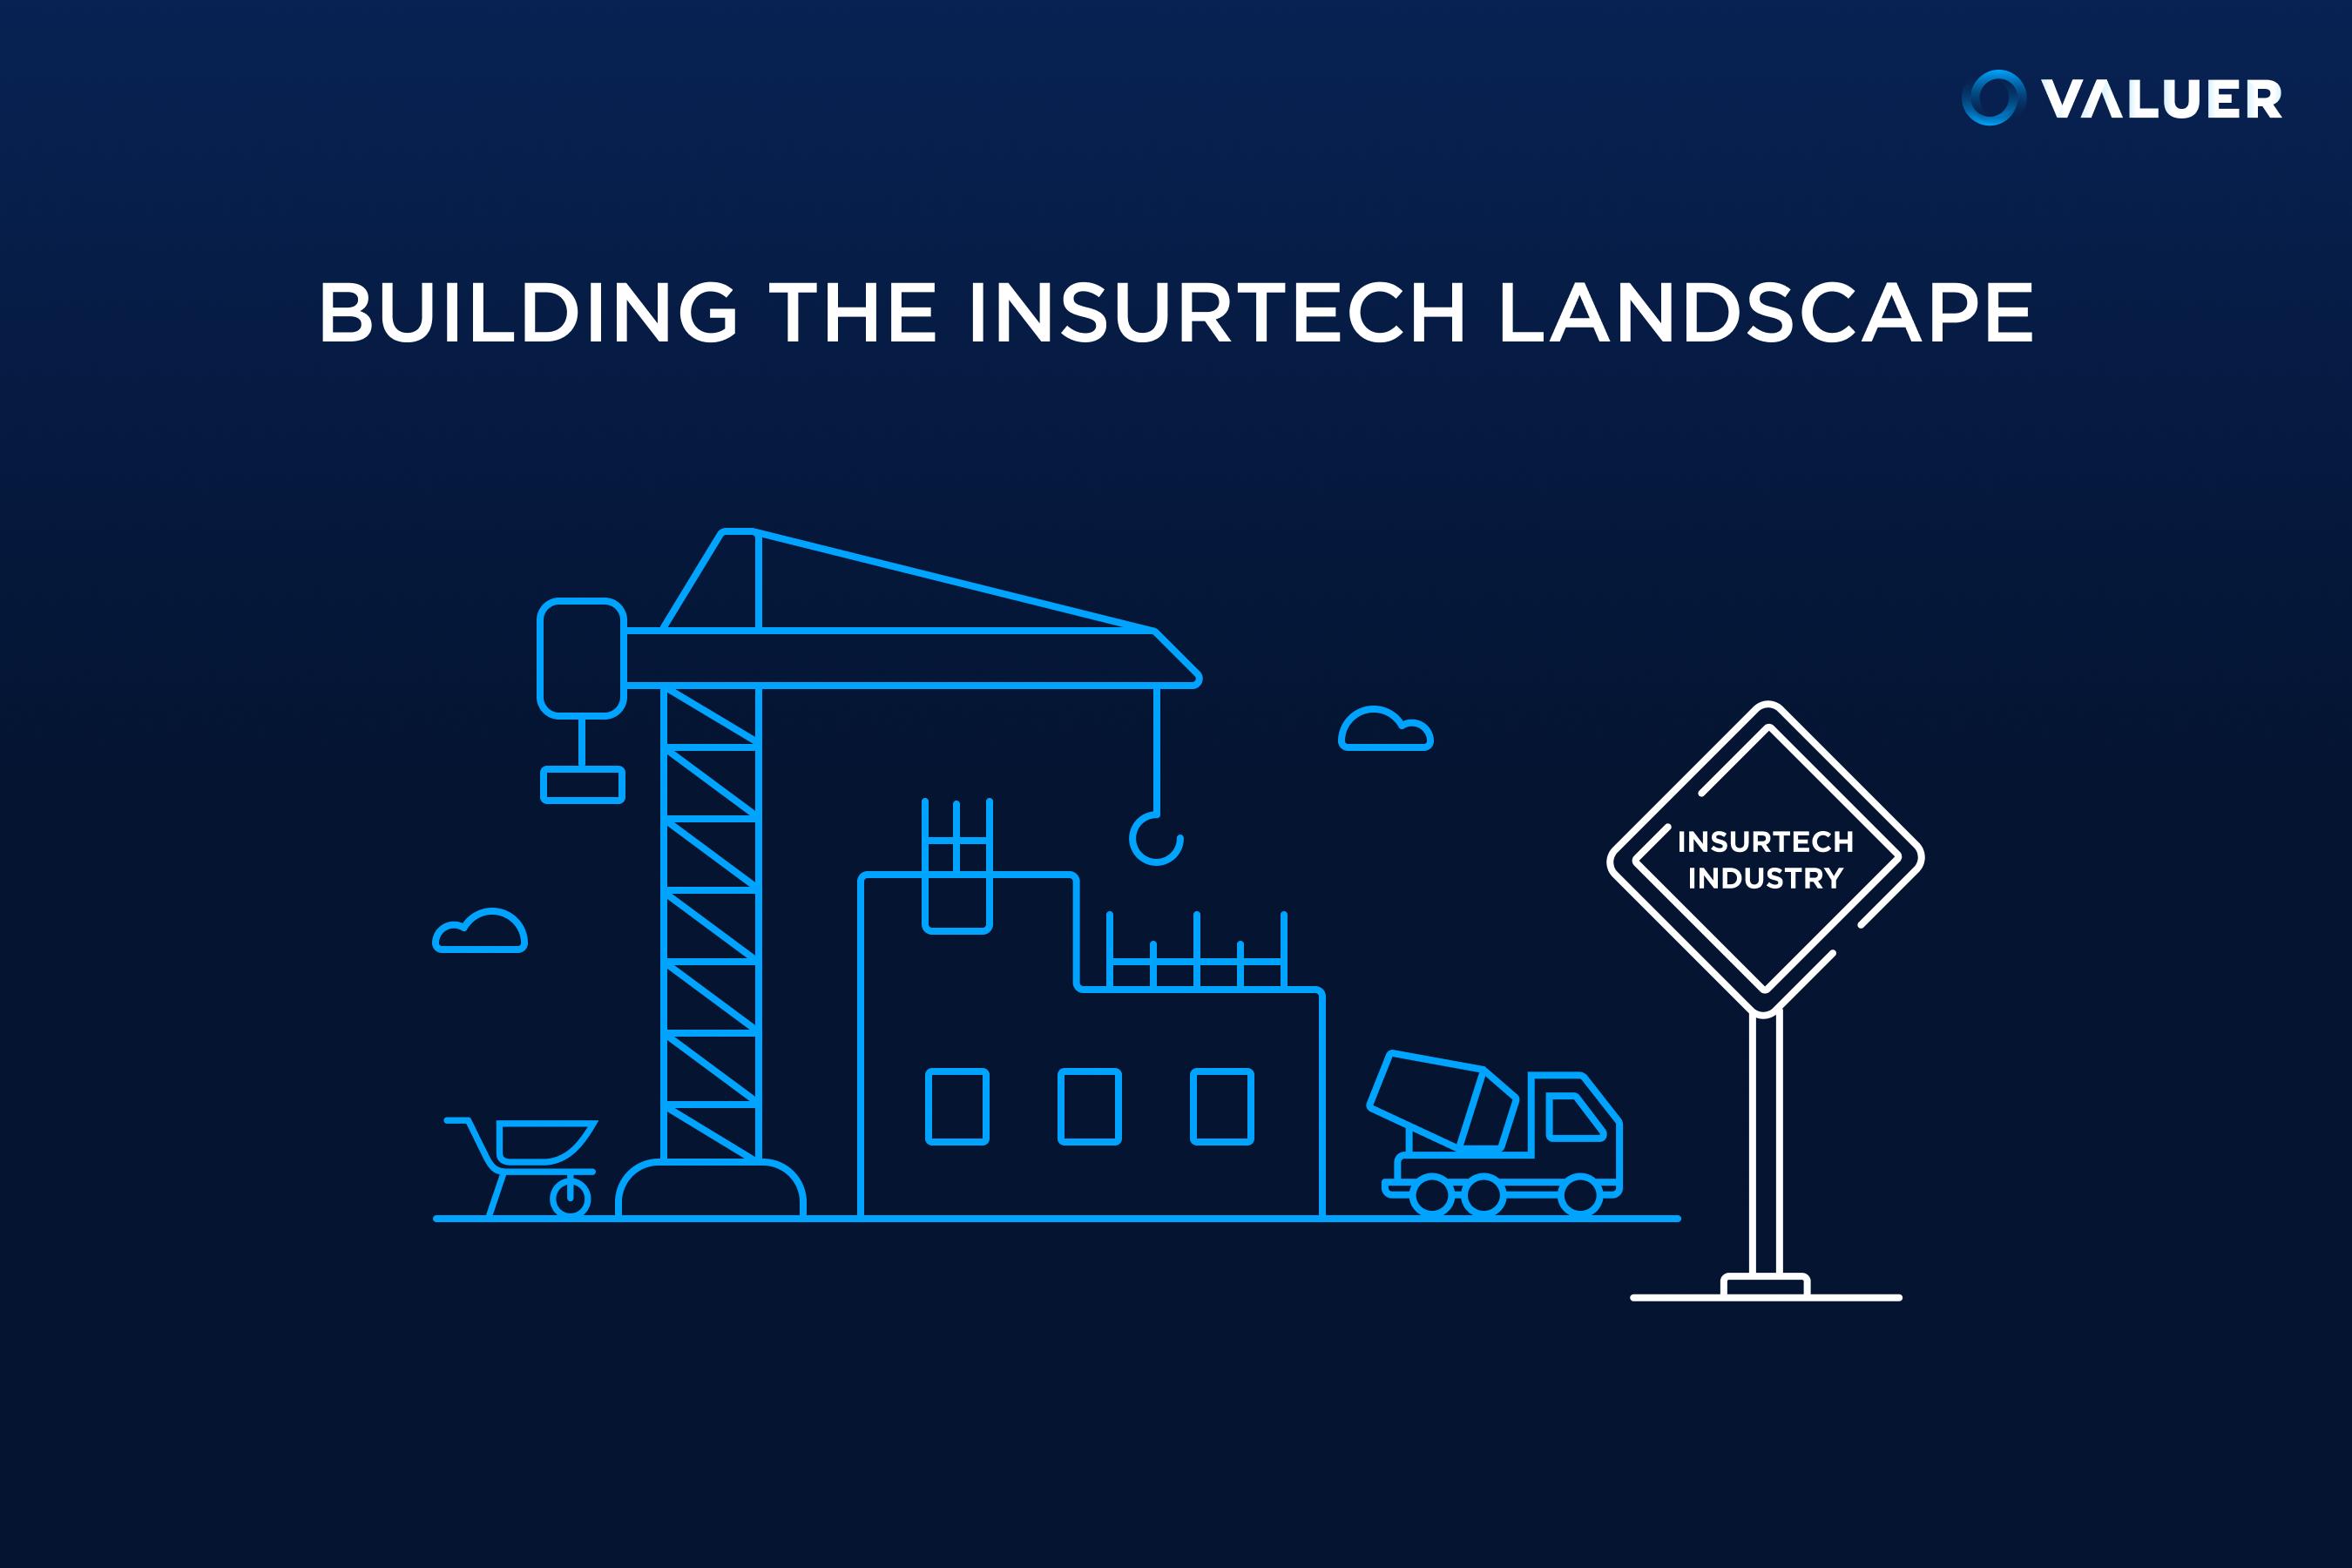 Building the Insurtech Landscape